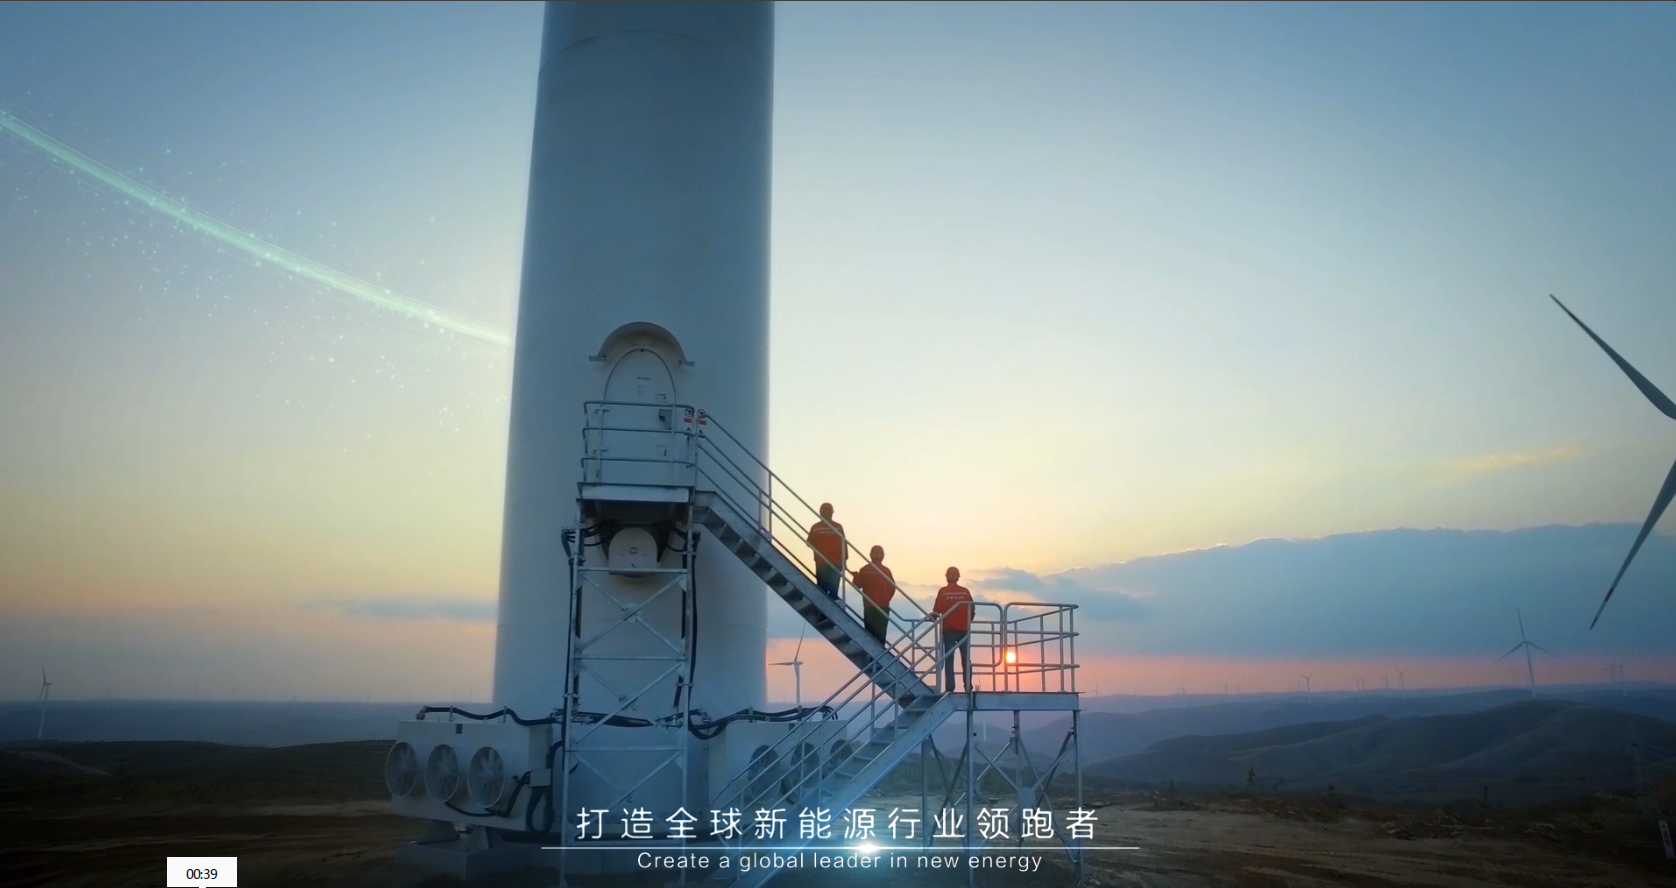 润世华集团企业宣传片-导演精剪版